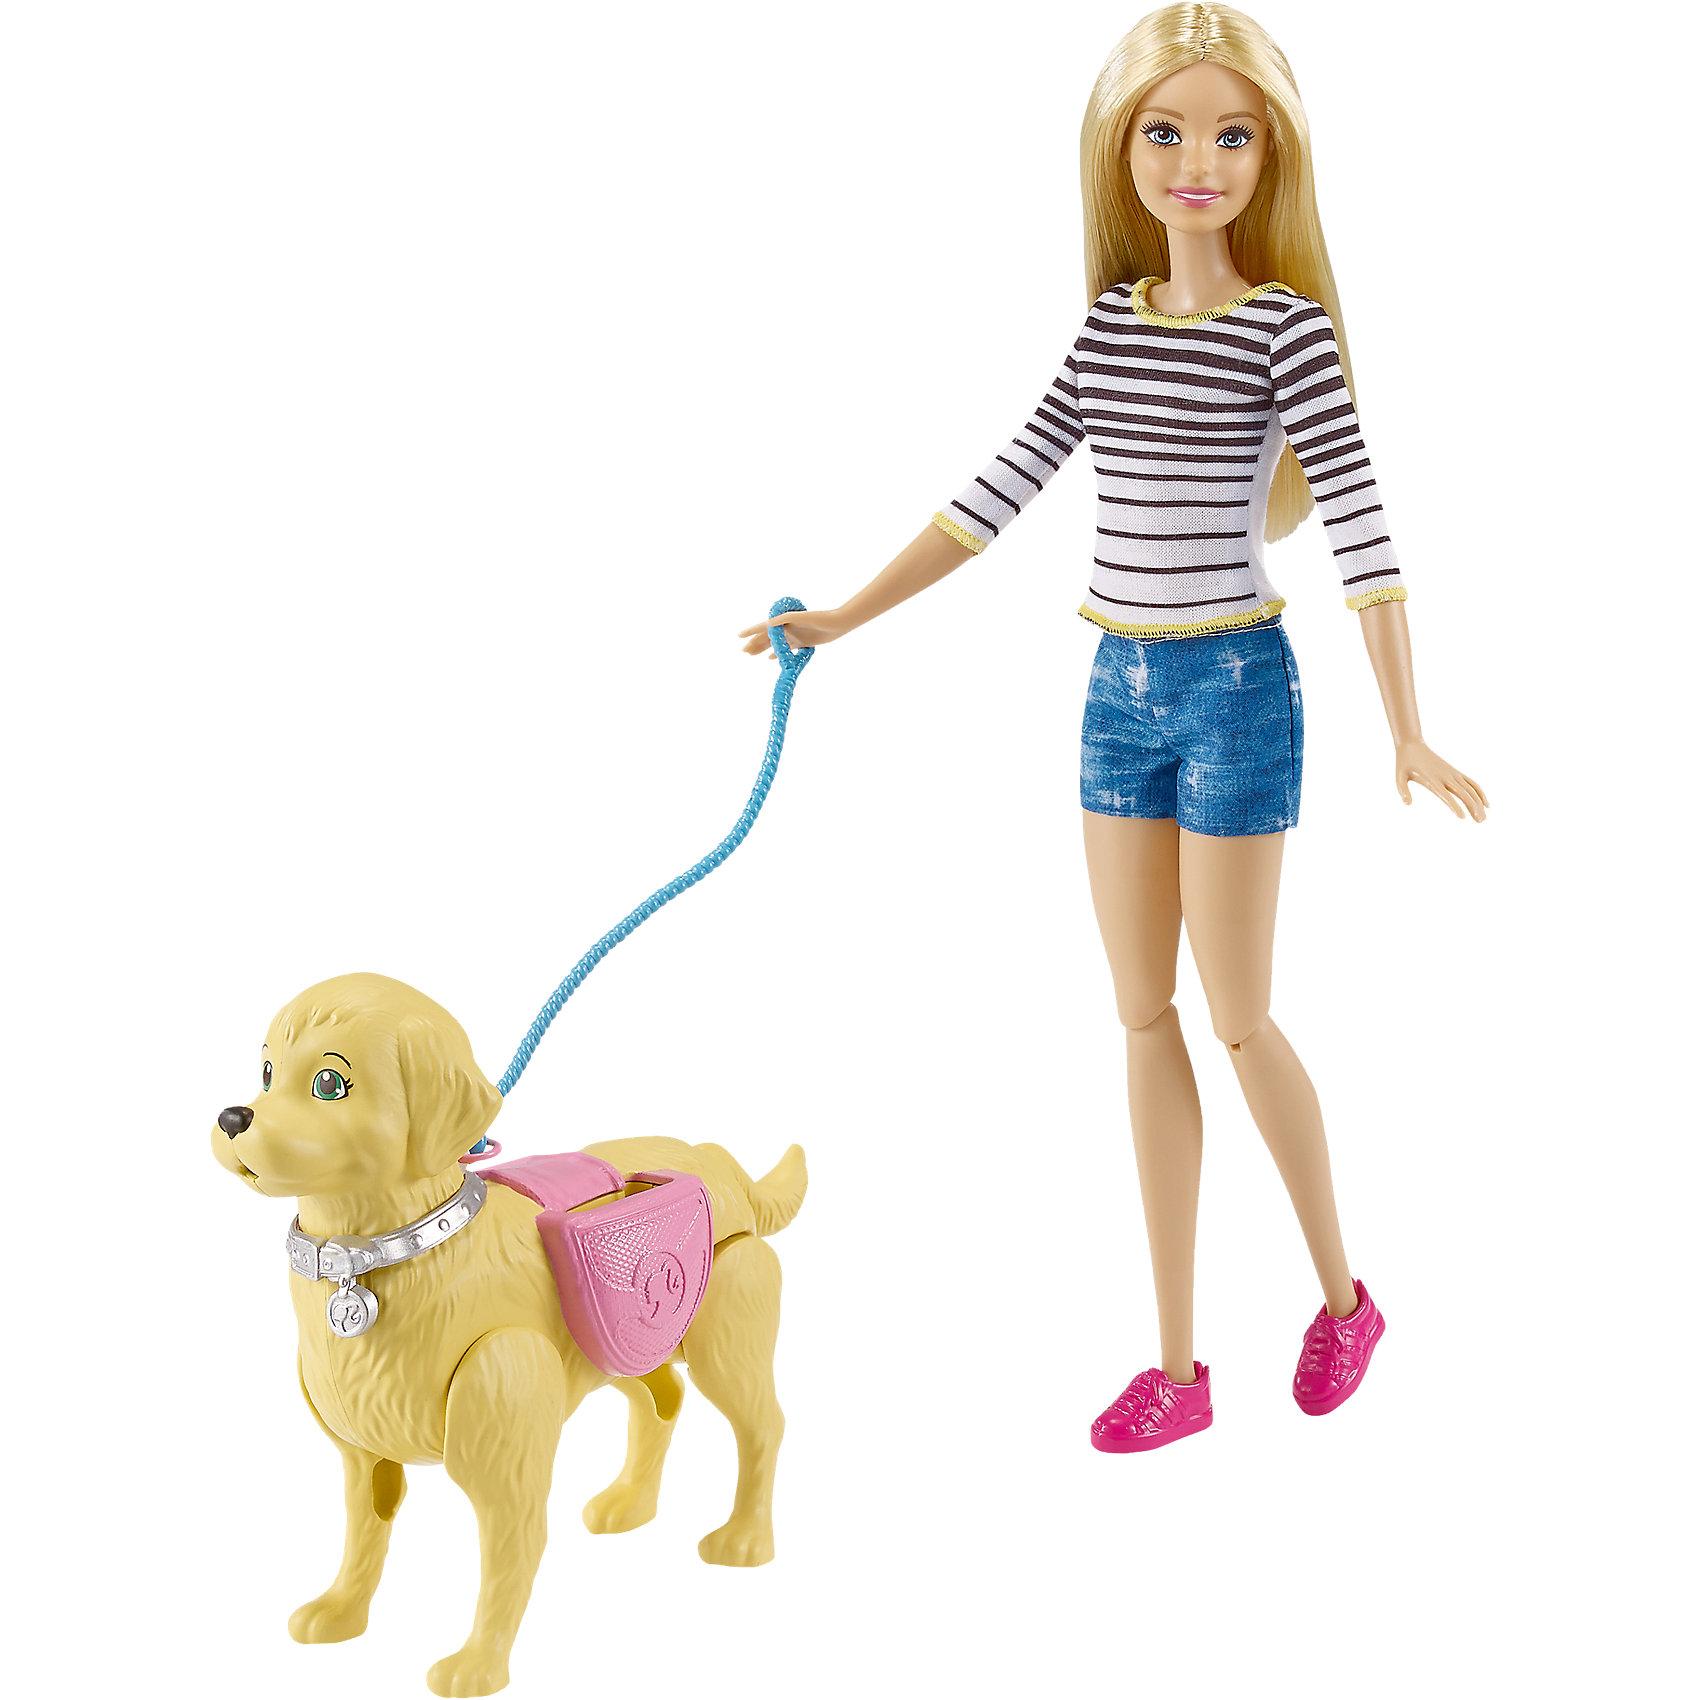 Игровой набор Прогулка с питомцем, BarbieBarbie<br>Игровой набор Прогулка с питомцем, Barbie (Барби)<br><br>Характеристики:<br><br>• реалистичная прогулка с питомцем<br>• в комплекте: кукла, собака, аксессуары<br>• материал: пластик<br>• размер упаковки: 32х23х7 см<br>• вес: 360 грамм<br><br>Барби очень любит своего домашнего питомца, собаку, и не забывает заботиться о нем. Для прогулки она надела модный полосатый топ, удобные ботиночки и джинсовые шорты. Если собака захочет в туалет, достаточно нажать ей на хвостик. И не забудьте убрать за ней с помощью специального совочка и щетки! После прогулки послушного питомца можно наградить вкусной косточкой и налить воды в миску. Большое количество аксессуаров придаст игре еще больше реалистичности и девочка сможет научиться ухаживать за домашними животными.<br><br>Игровой набор Прогулка с питомцем, Barbie (Барби) вы можете купить в нашем интернет-магазине.<br><br>Ширина мм: 327<br>Глубина мм: 228<br>Высота мм: 61<br>Вес г: 358<br>Возраст от месяцев: 36<br>Возраст до месяцев: 72<br>Пол: Женский<br>Возраст: Детский<br>SKU: 5089088